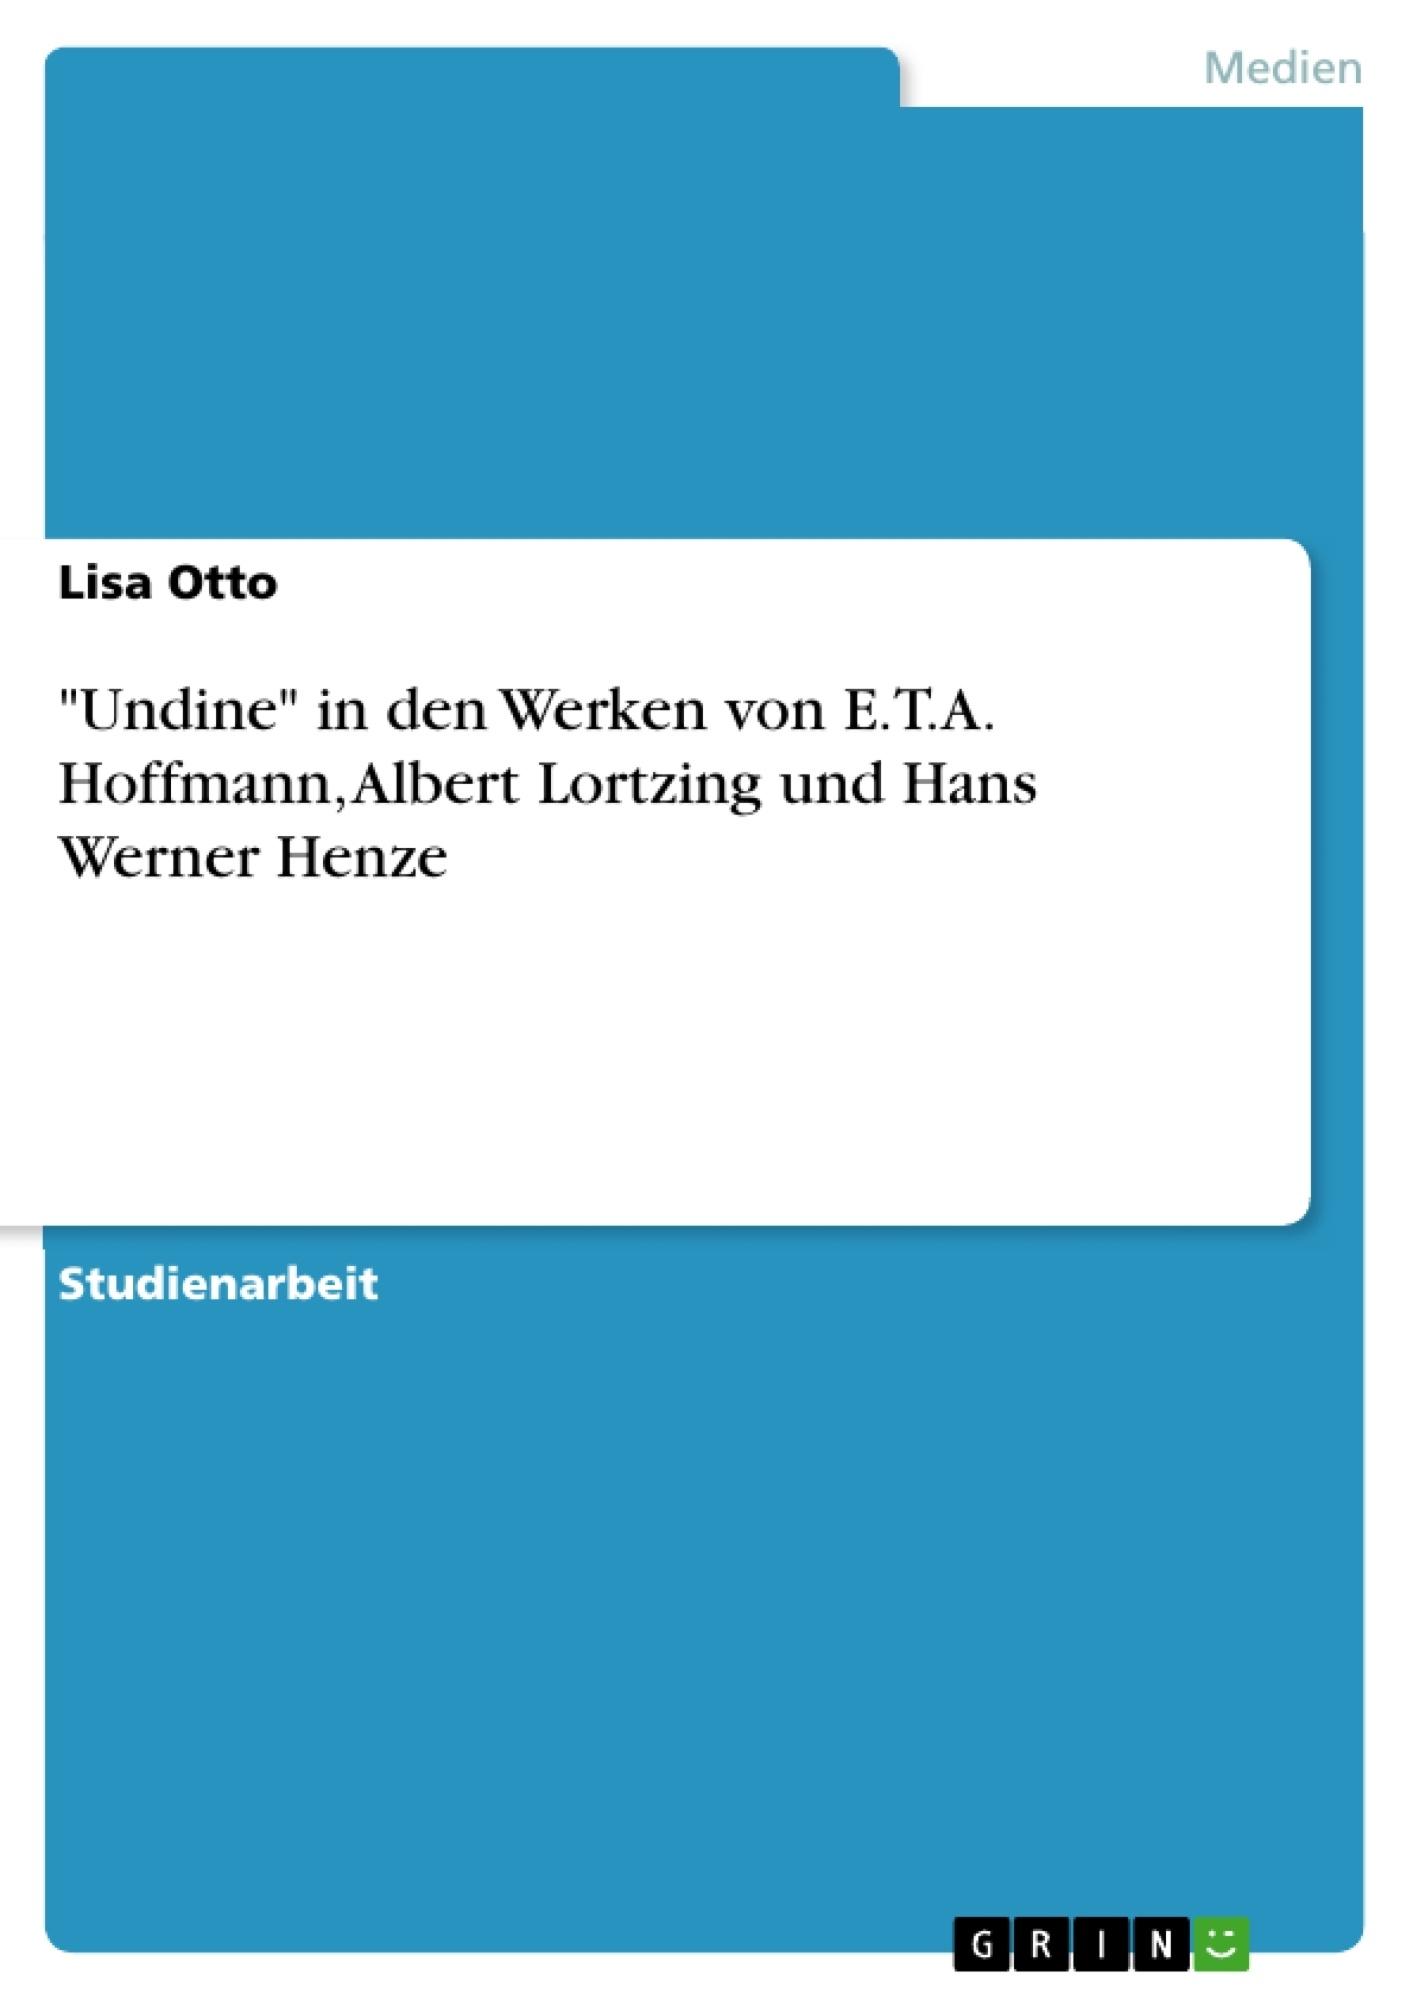 """Titel: """"Undine"""" in den Werken von E.T.A. Hoffmann, Albert Lortzing und Hans Werner Henze"""